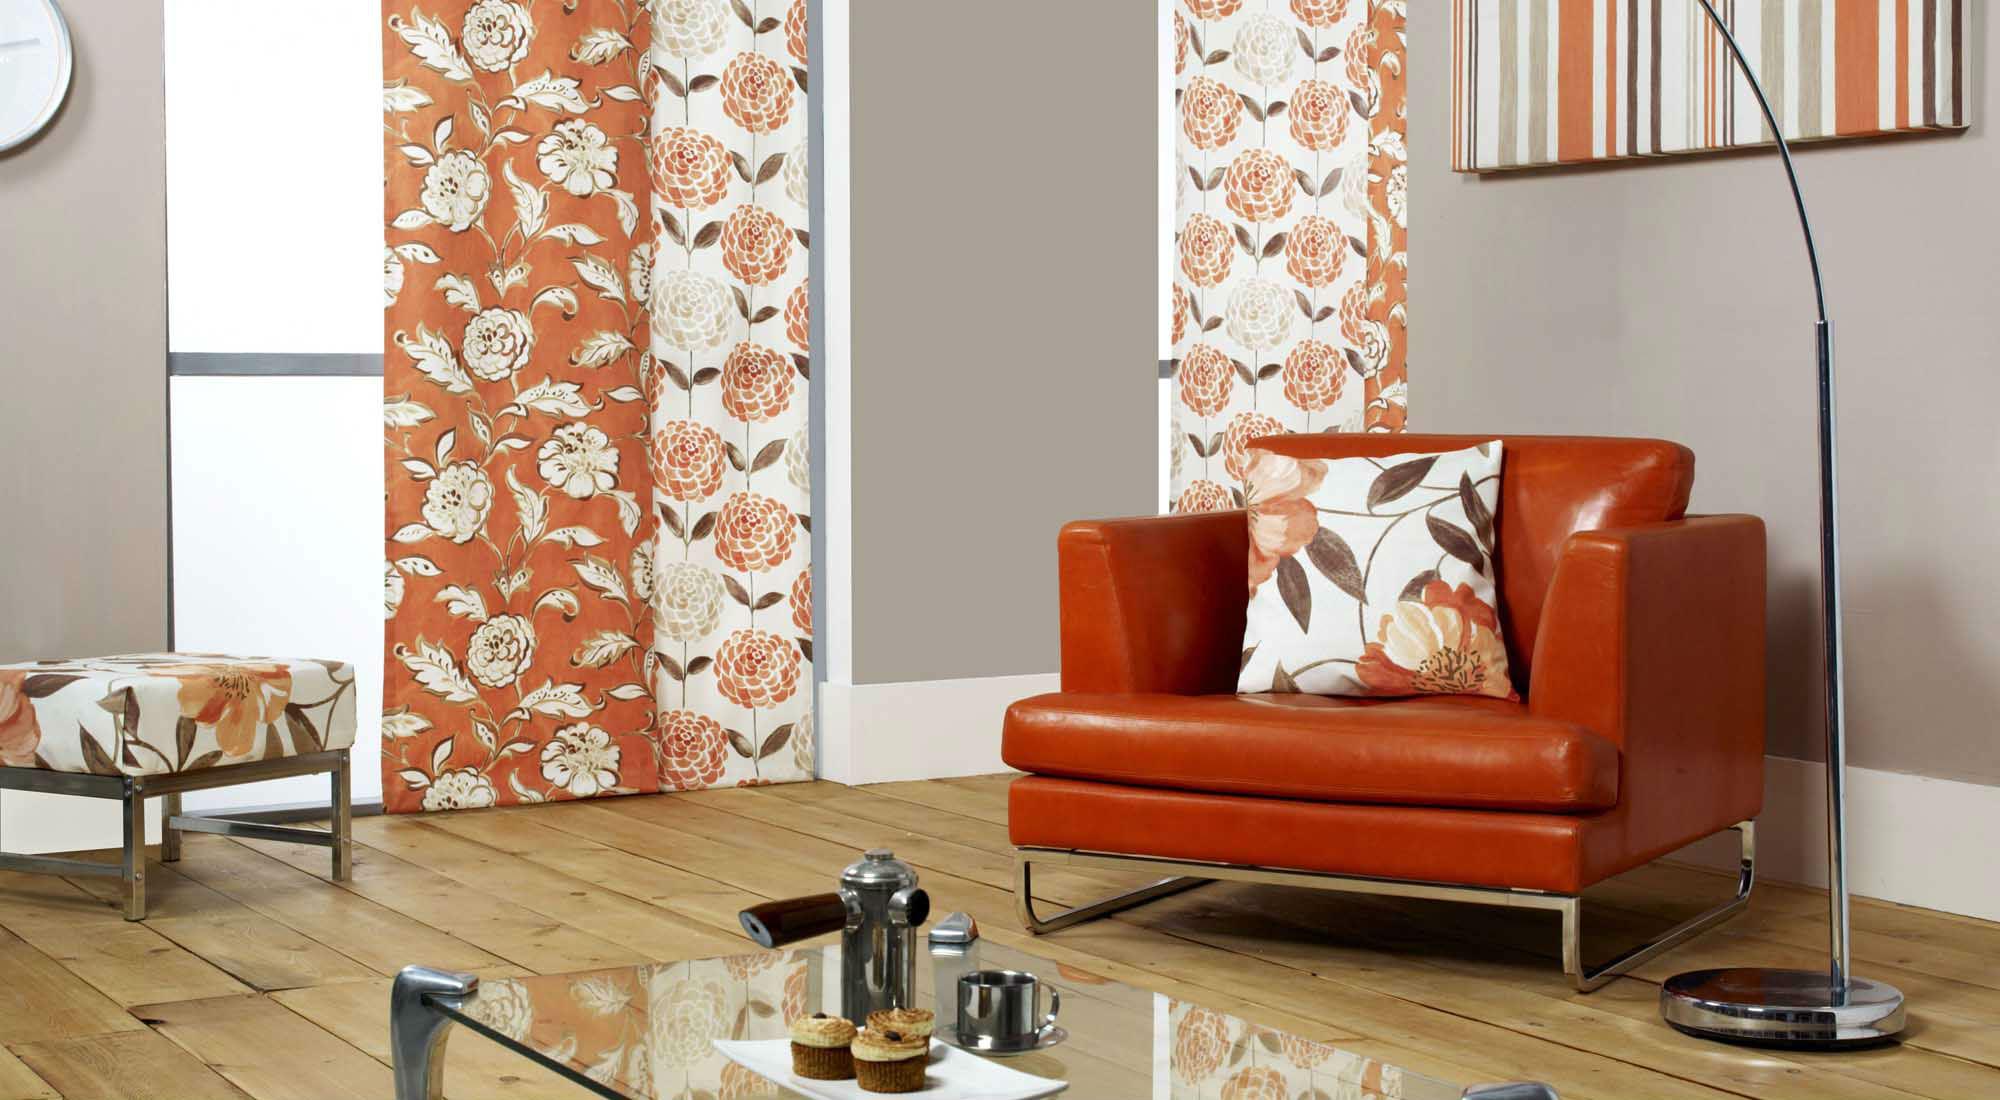 Цветочные японские шторы в оранжевых тонах в гостиной